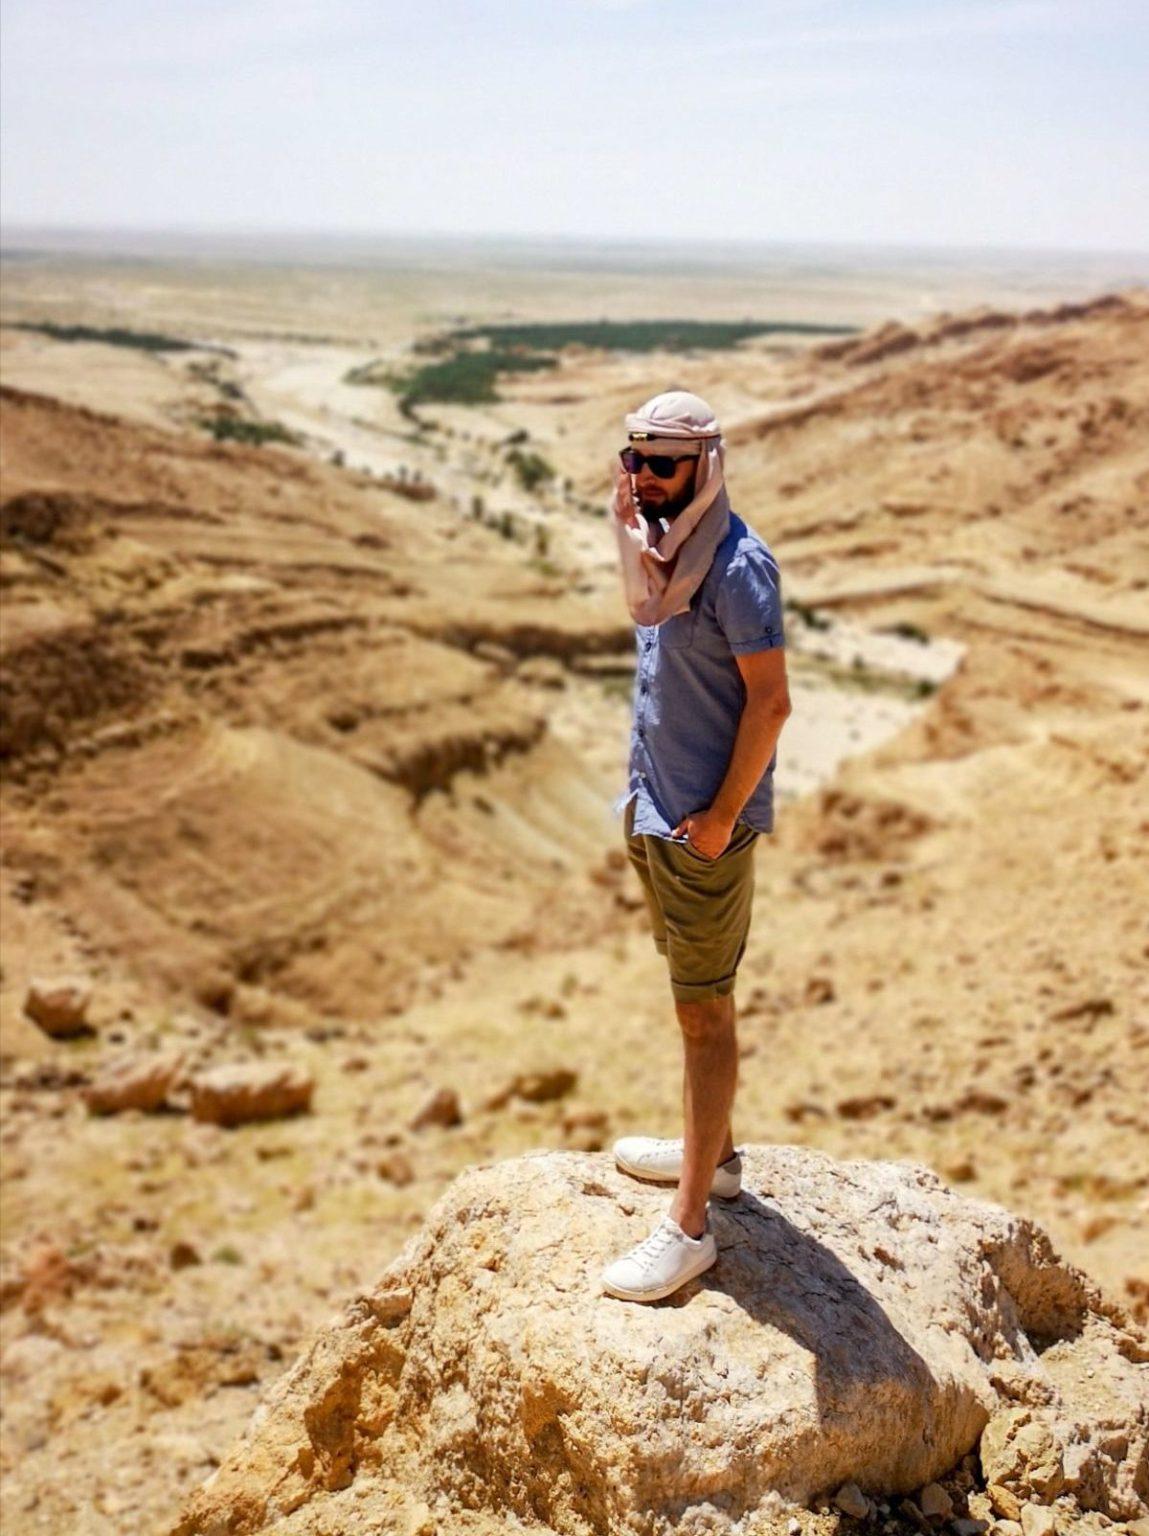 tunezja wąwóz co zwiedzić co zobaczyć pustynia